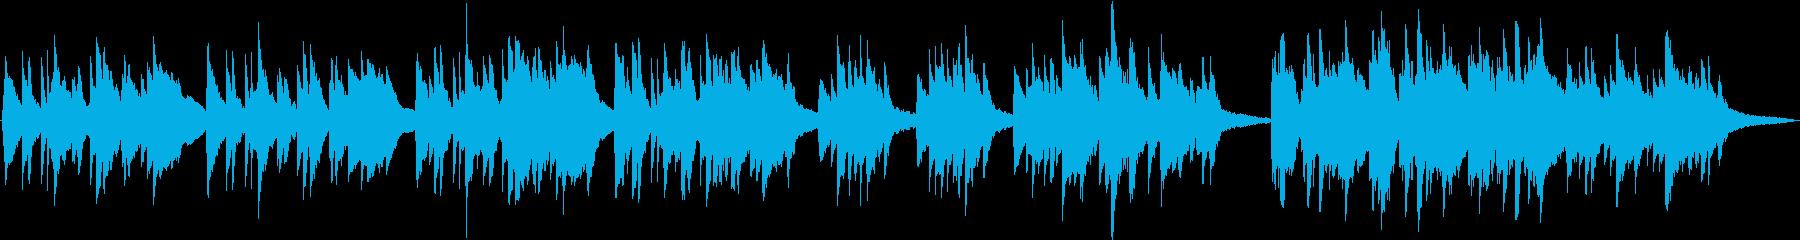 ピアノ生演奏/和風・夕暮れ・雨・ジブリの再生済みの波形